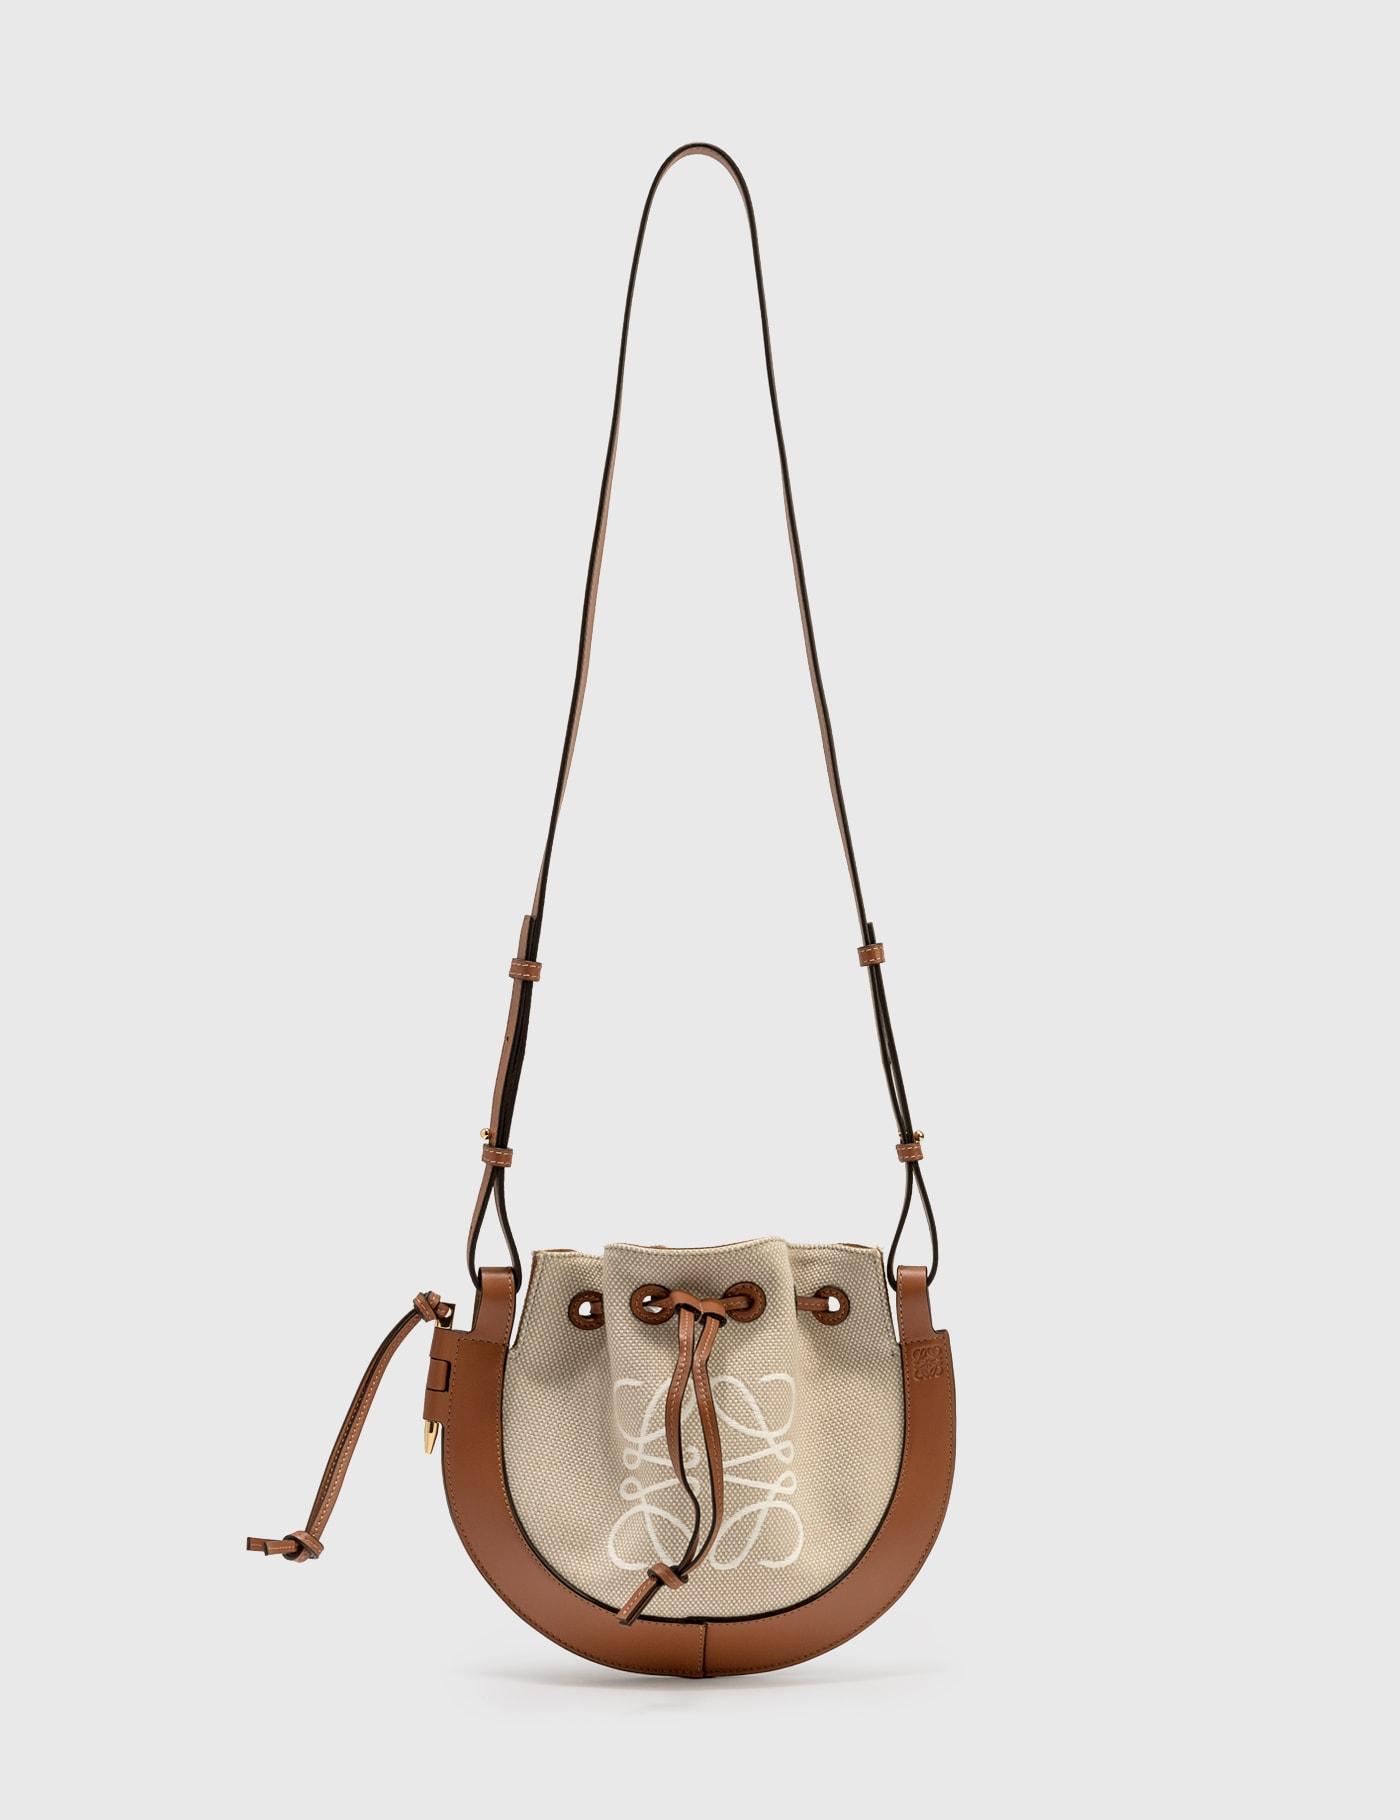 Loewe Small Horseshoe Anagram Bag In Neutrals